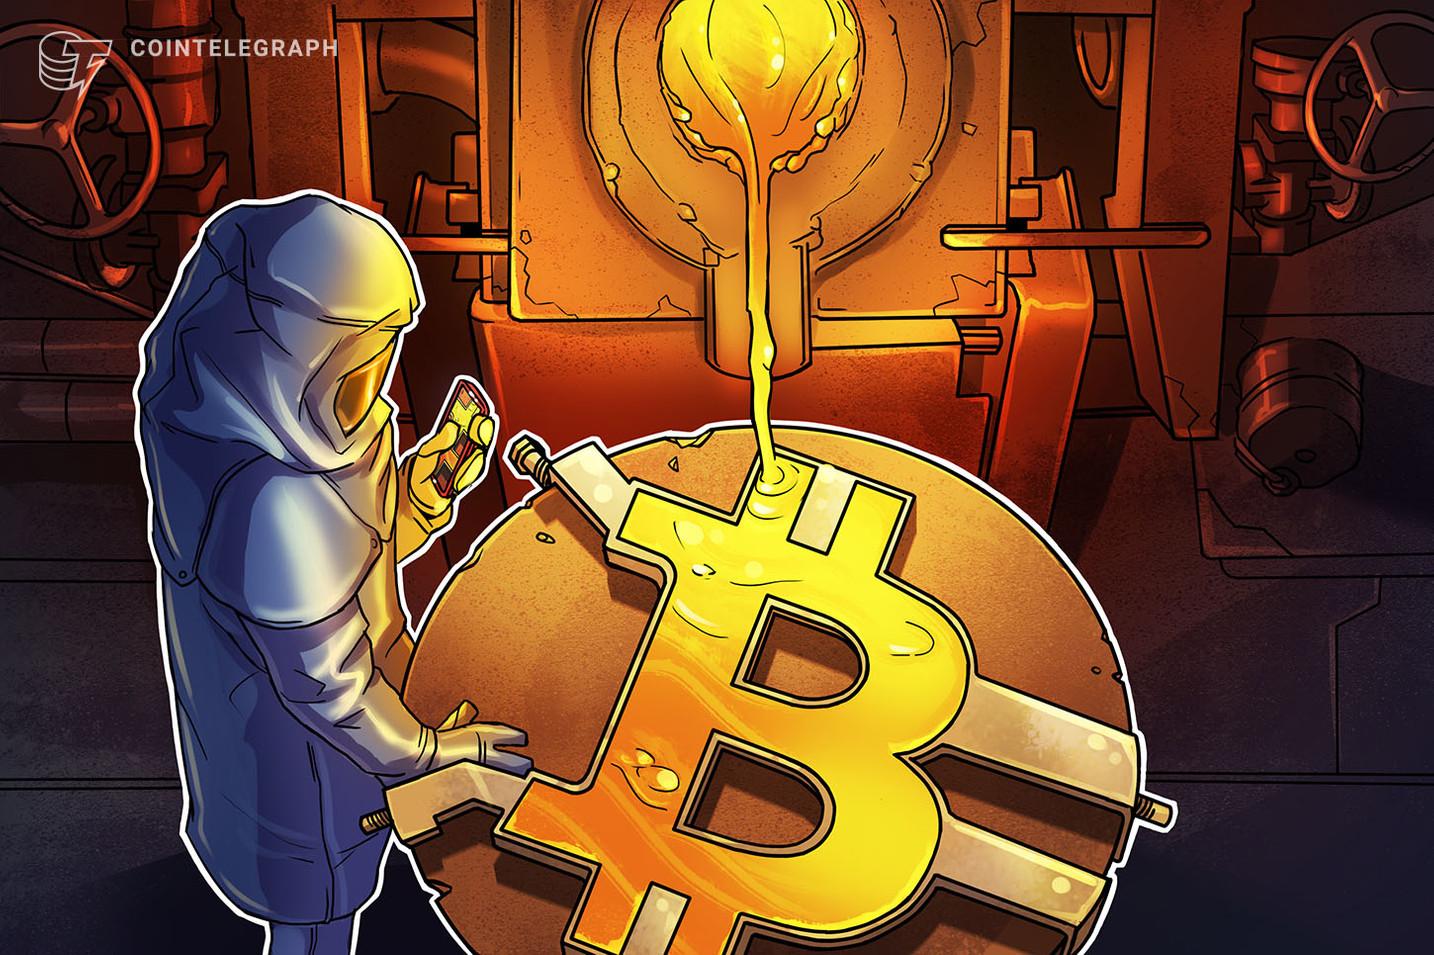 Volume de pesquisas no Google para a frase 'Comprar Bitcoin' supera o de 'Comprar Ouro'